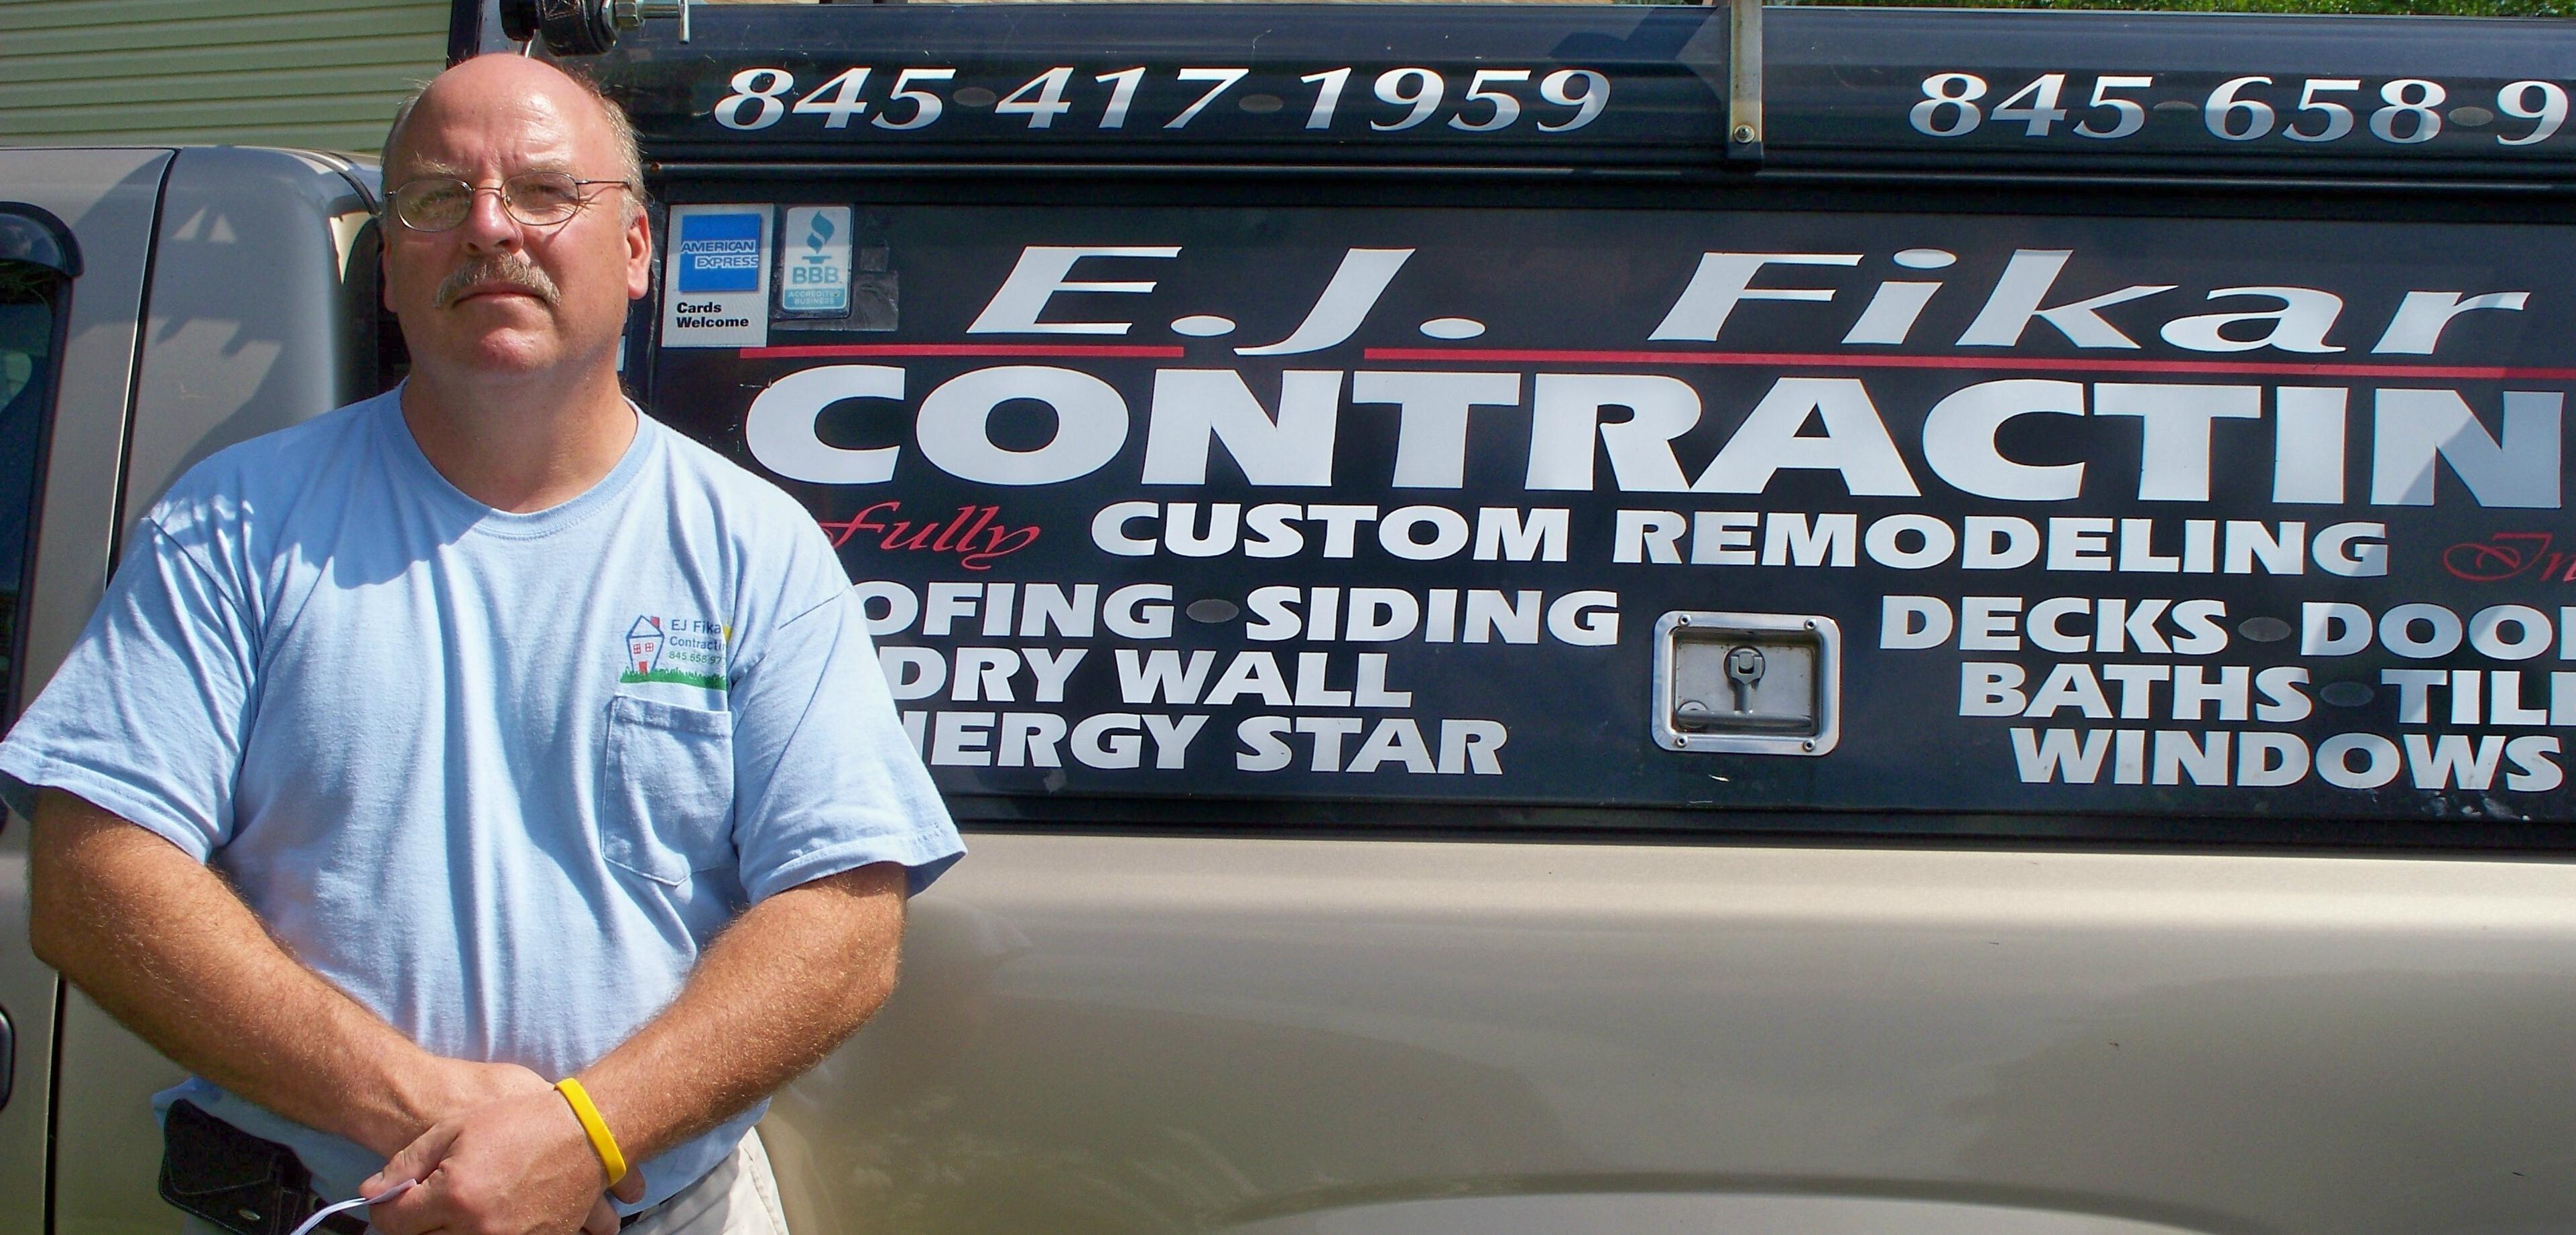 EJFikar ContractingLLC